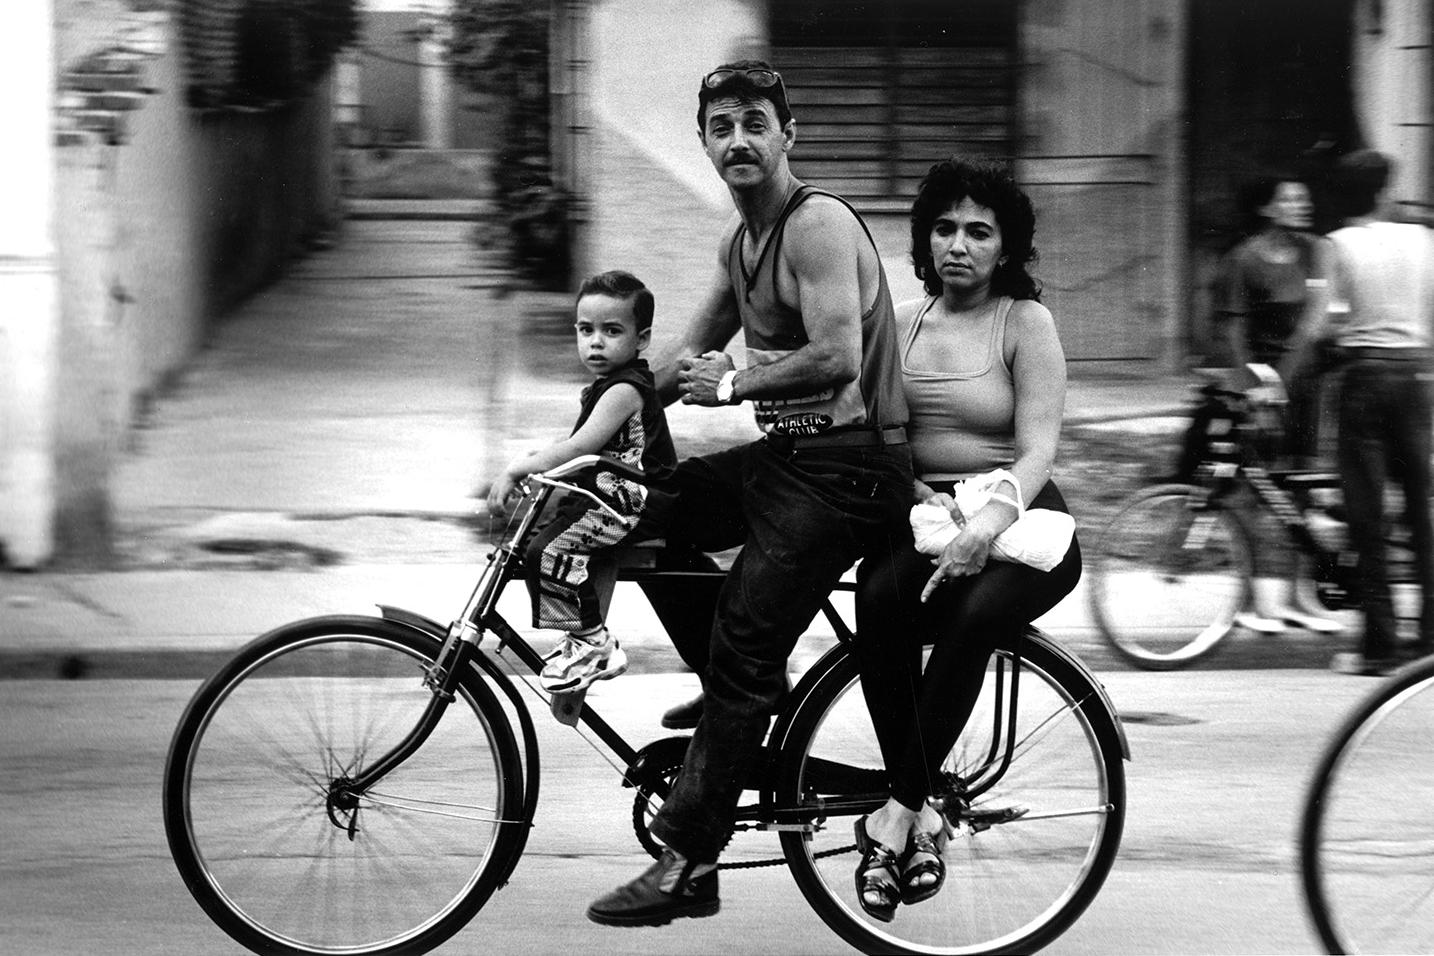 Family on wheels, Camagüey, Cuba.